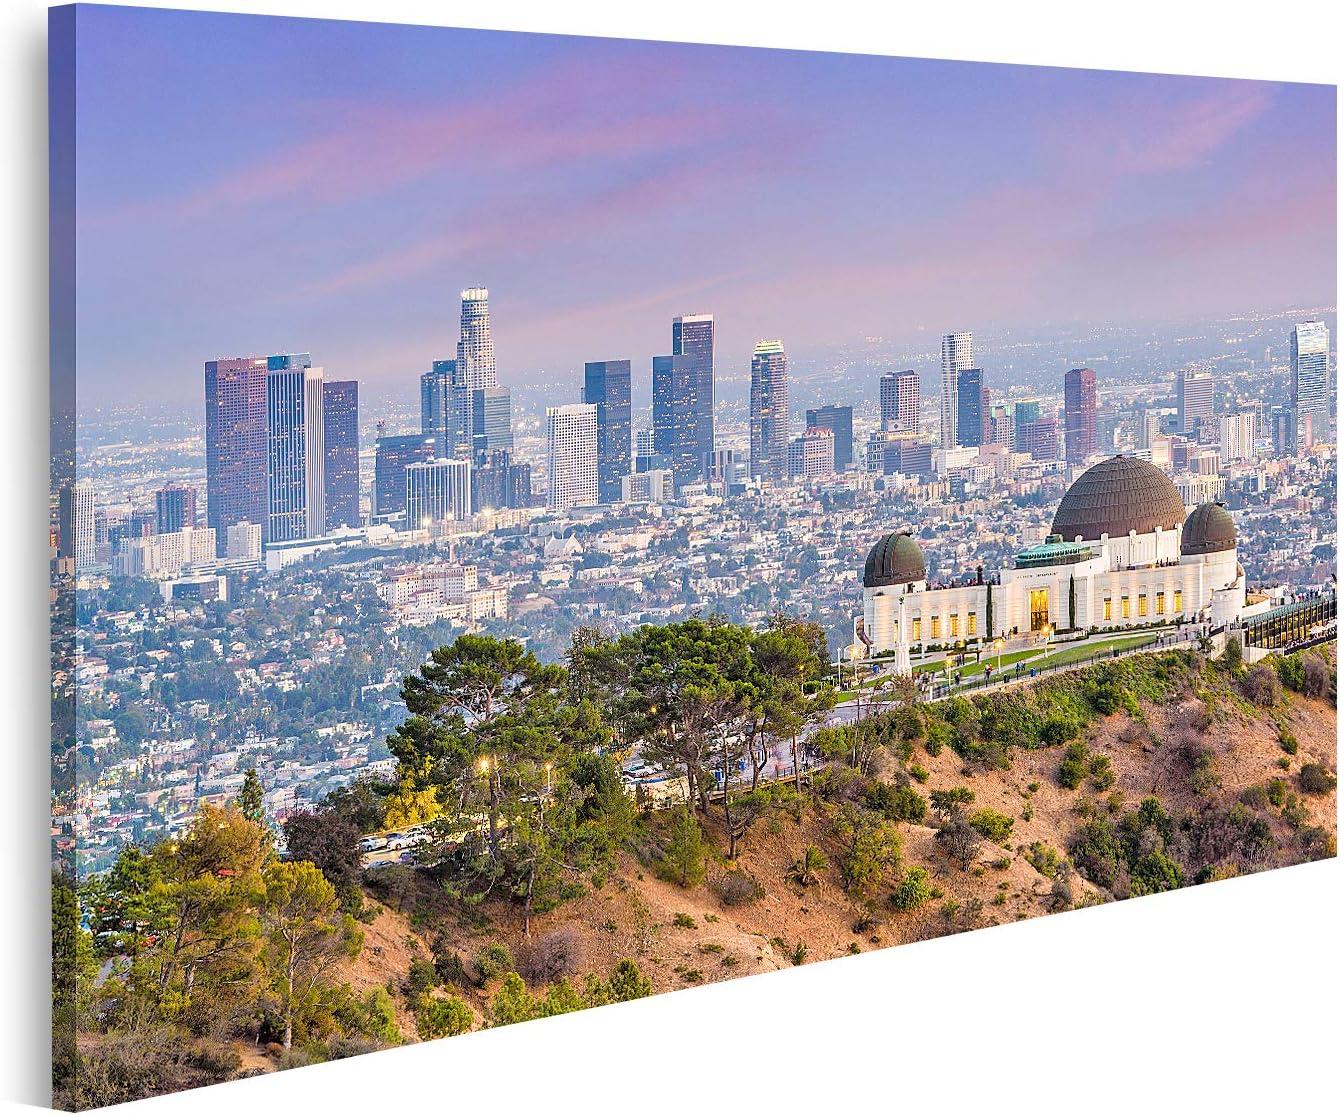 islandburner Cuadro en Lienzo Los Angeles California USA City Center Skyline de Griffith Park Cuadros Modernos Decoracion Impresión Salon